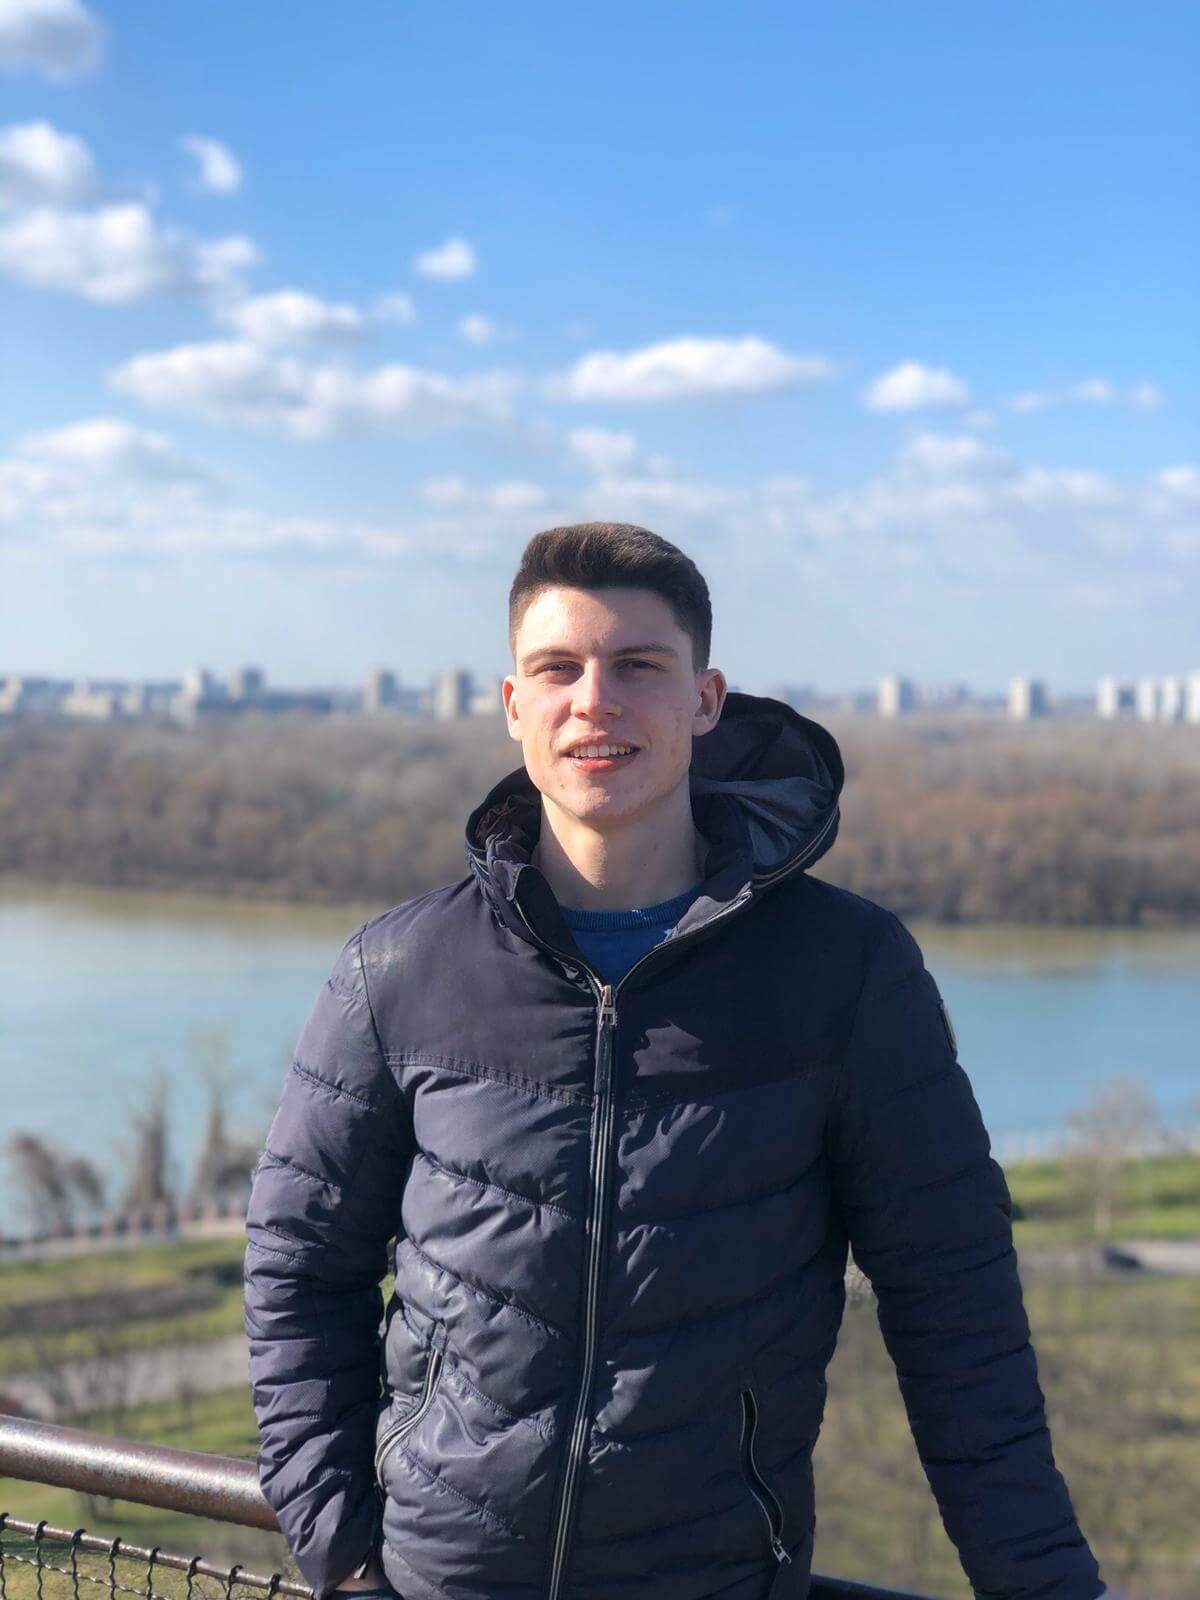 Intervju s novim studentskim pravobraniteljem u Zagrebu: 'Vjerujem da se neki profesori mogu zainatiti'